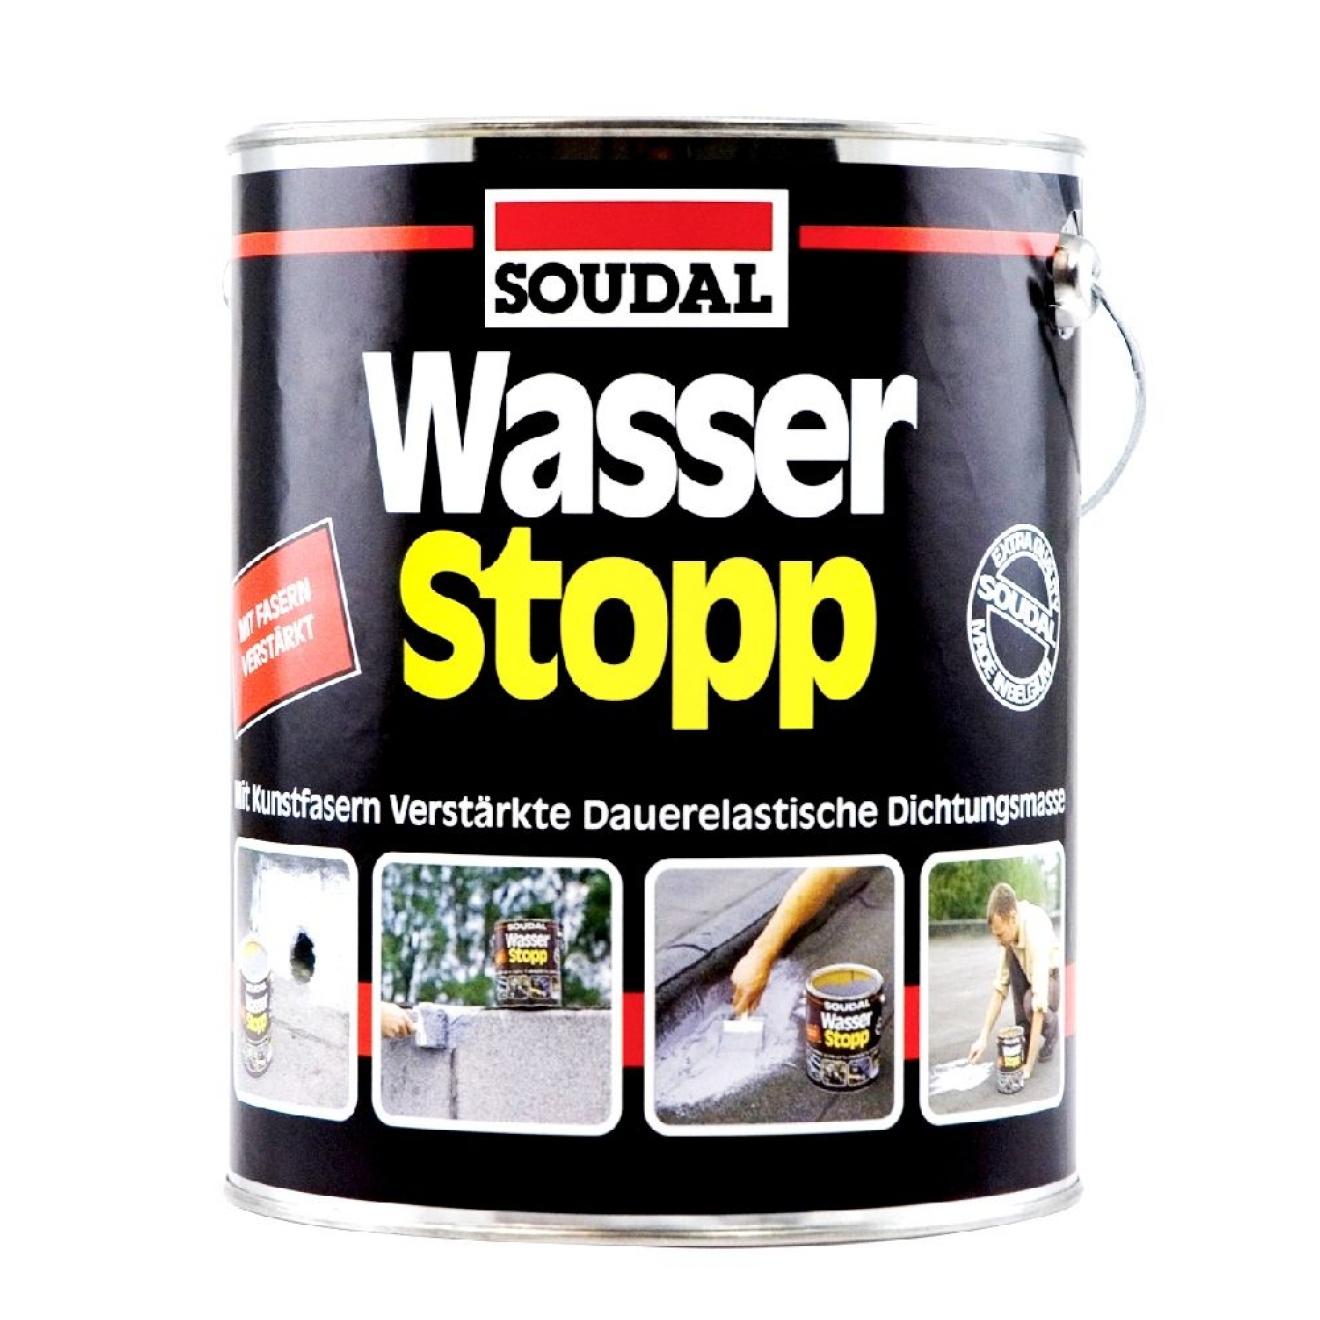 soudal wasser stopp zum ausbesserung und renovierung von. Black Bedroom Furniture Sets. Home Design Ideas